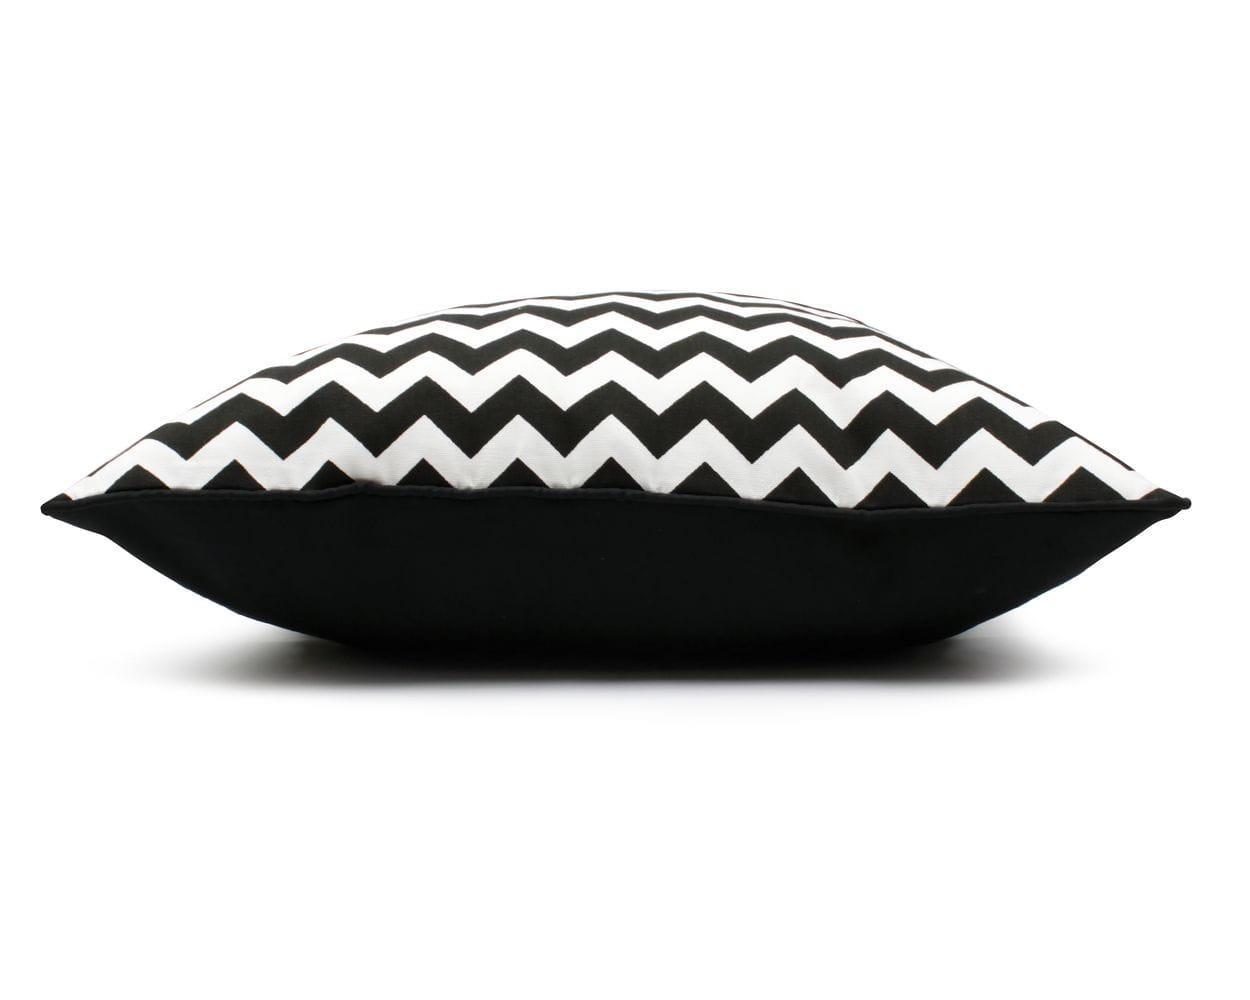 Poduszka dekoracyjna Zig Zag Black White 40x60 cm - We Love Candles&We Love Beds